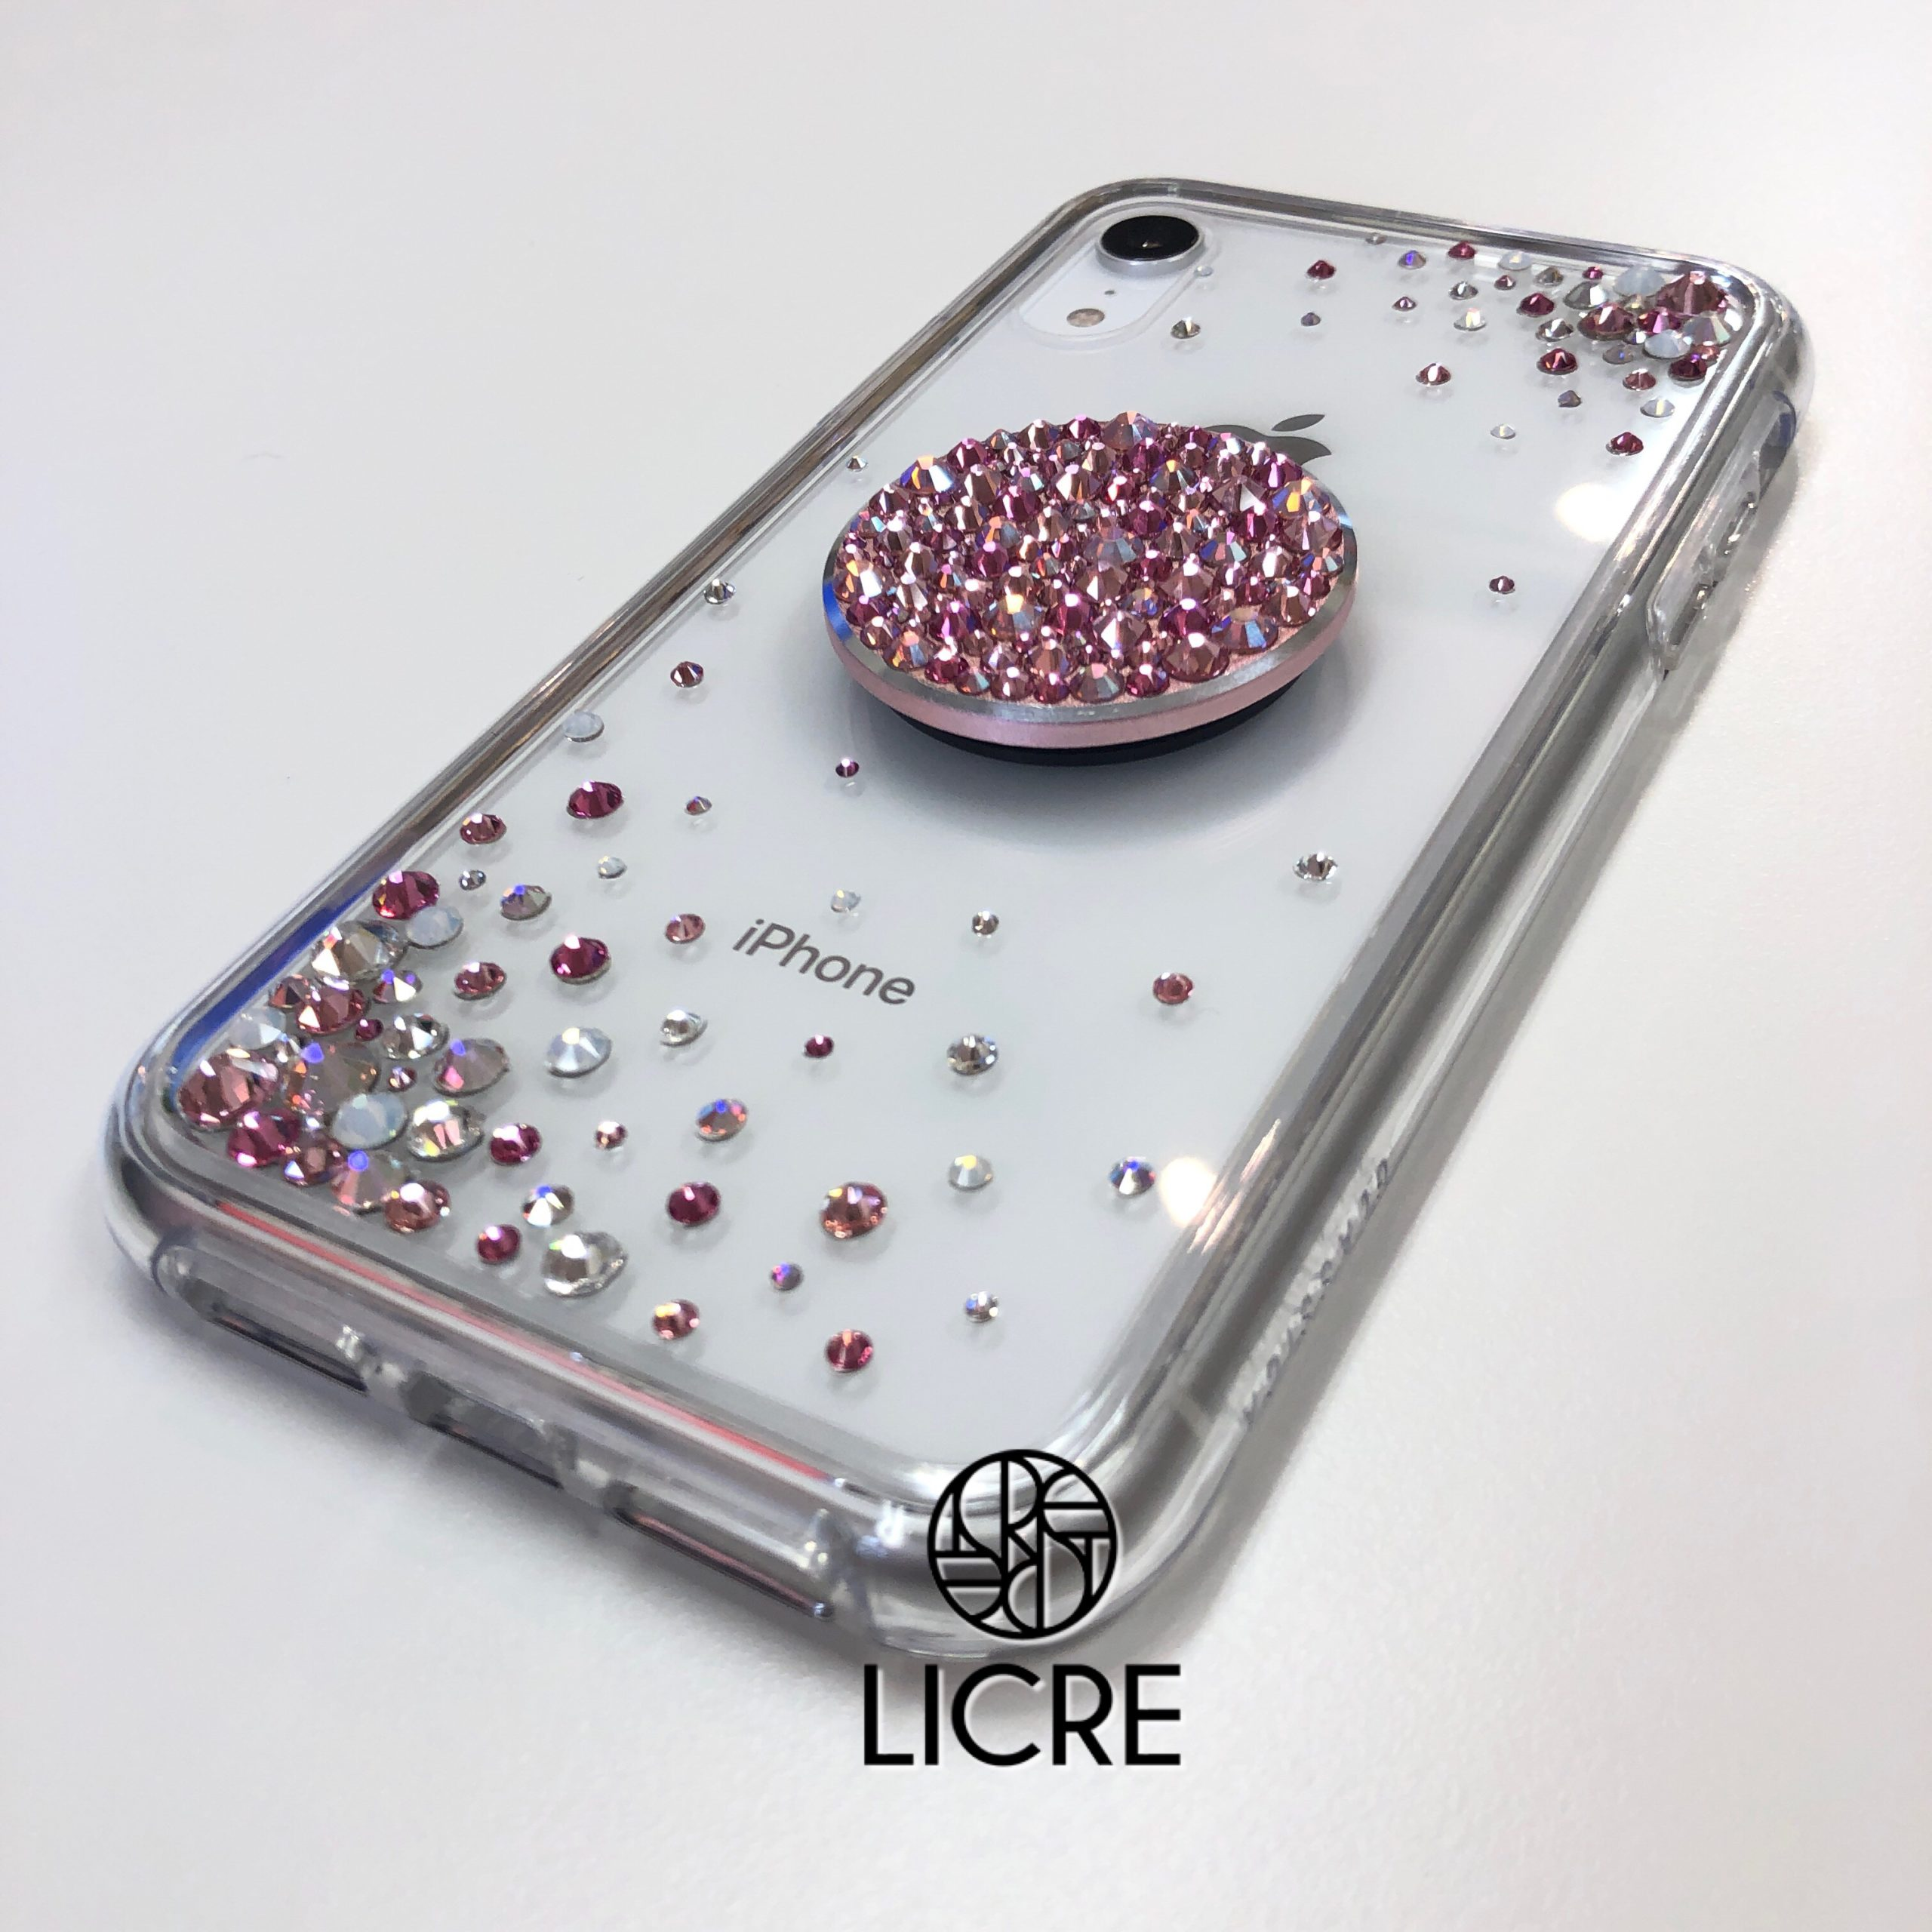 iPhoneXRクオーツハイブリッドケースにスワロフスキーデコレーション